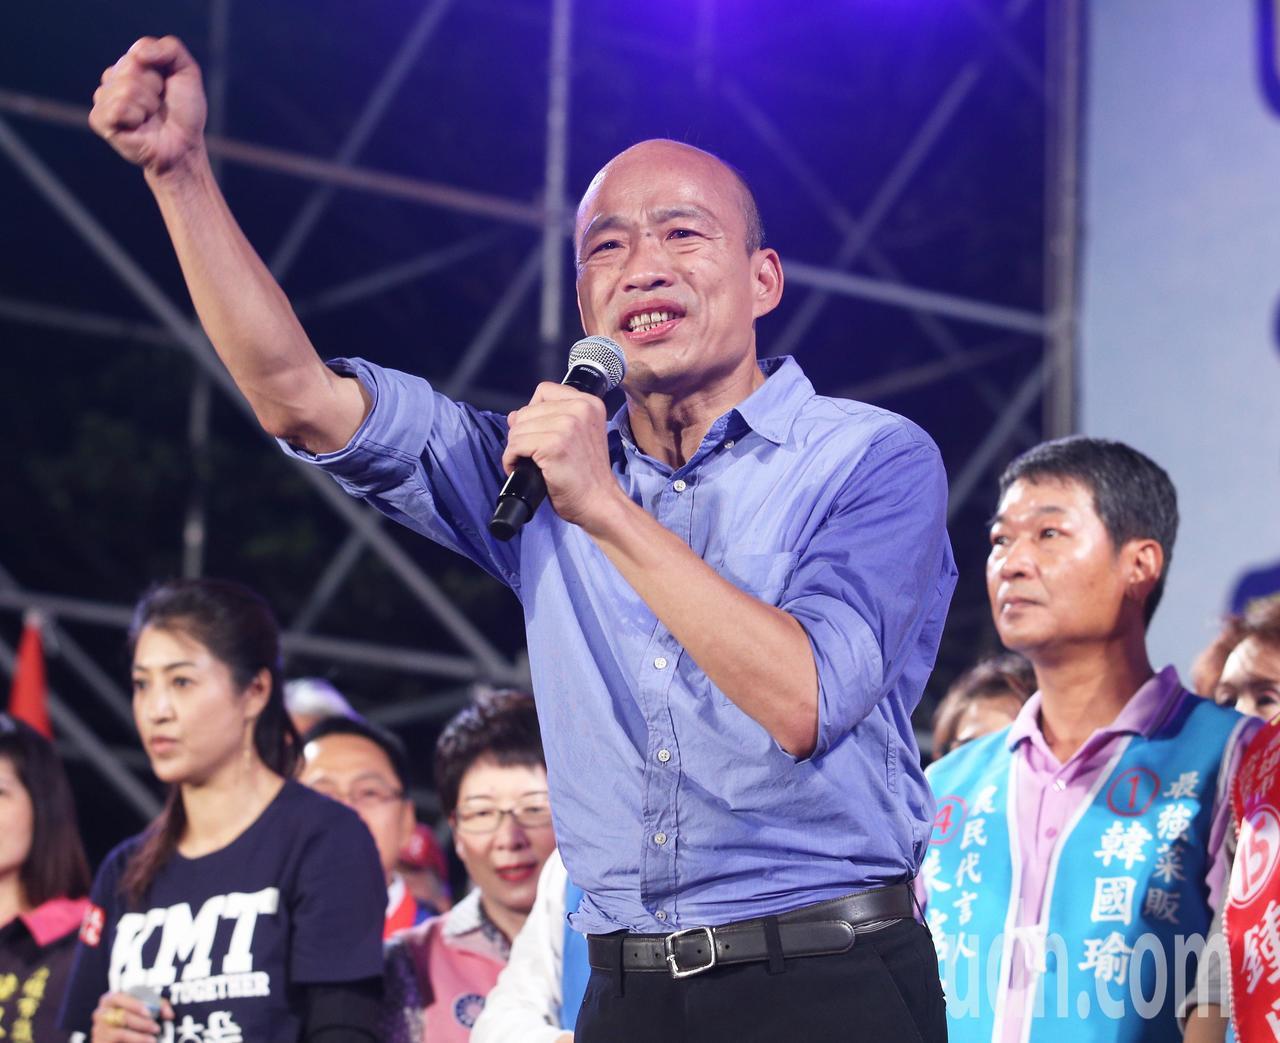 國民黨高雄市長候選人韓國瑜豪氣宣布「夜襲」成功。記者劉學聖/攝影